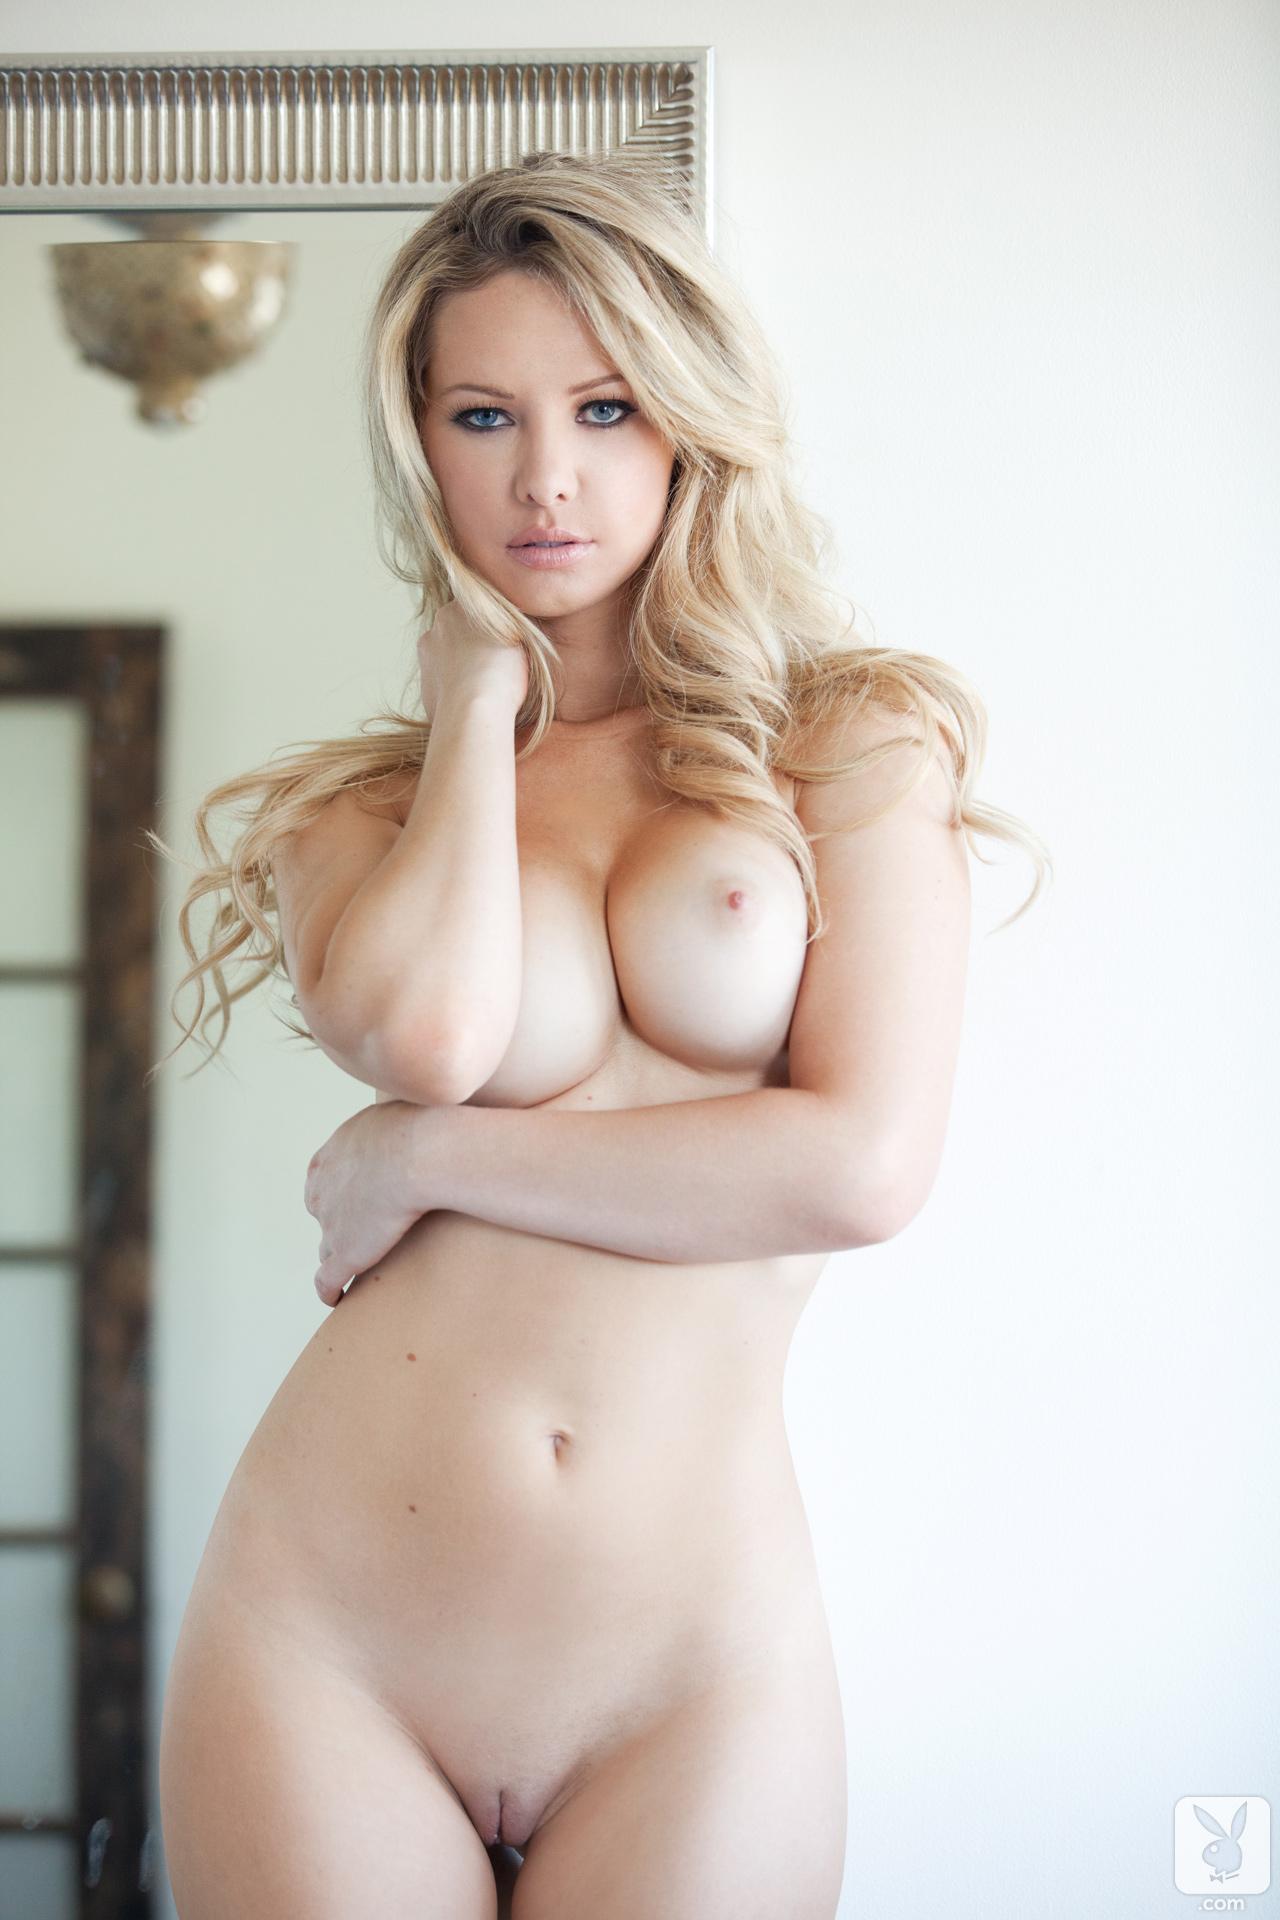 Секспорно красивые девушки 20 фотография